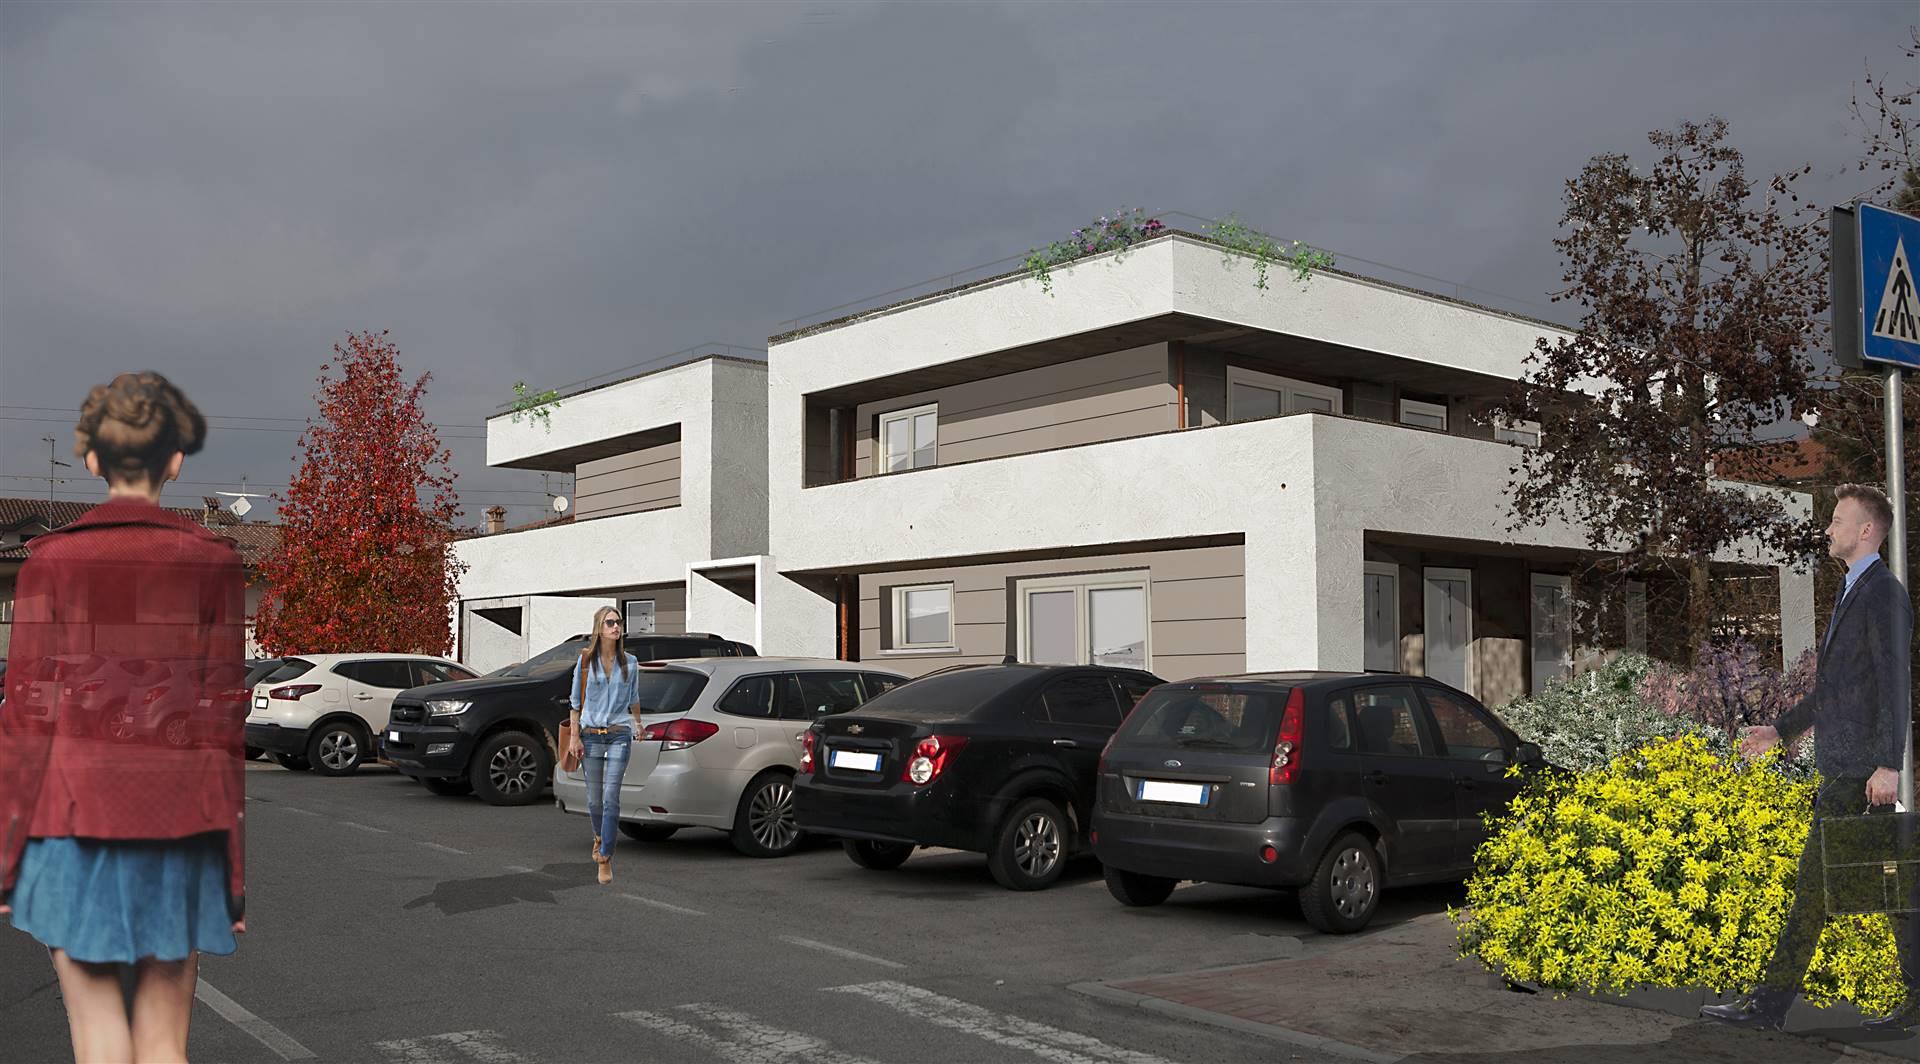 MILANO EST, TREZZANO ROSA, Wohnung zu verkaufen von 150 Qm, Neubau, Heizung Bodenheizung, Energie-klasse: A1, am boden Land auf 1, zusammengestellt